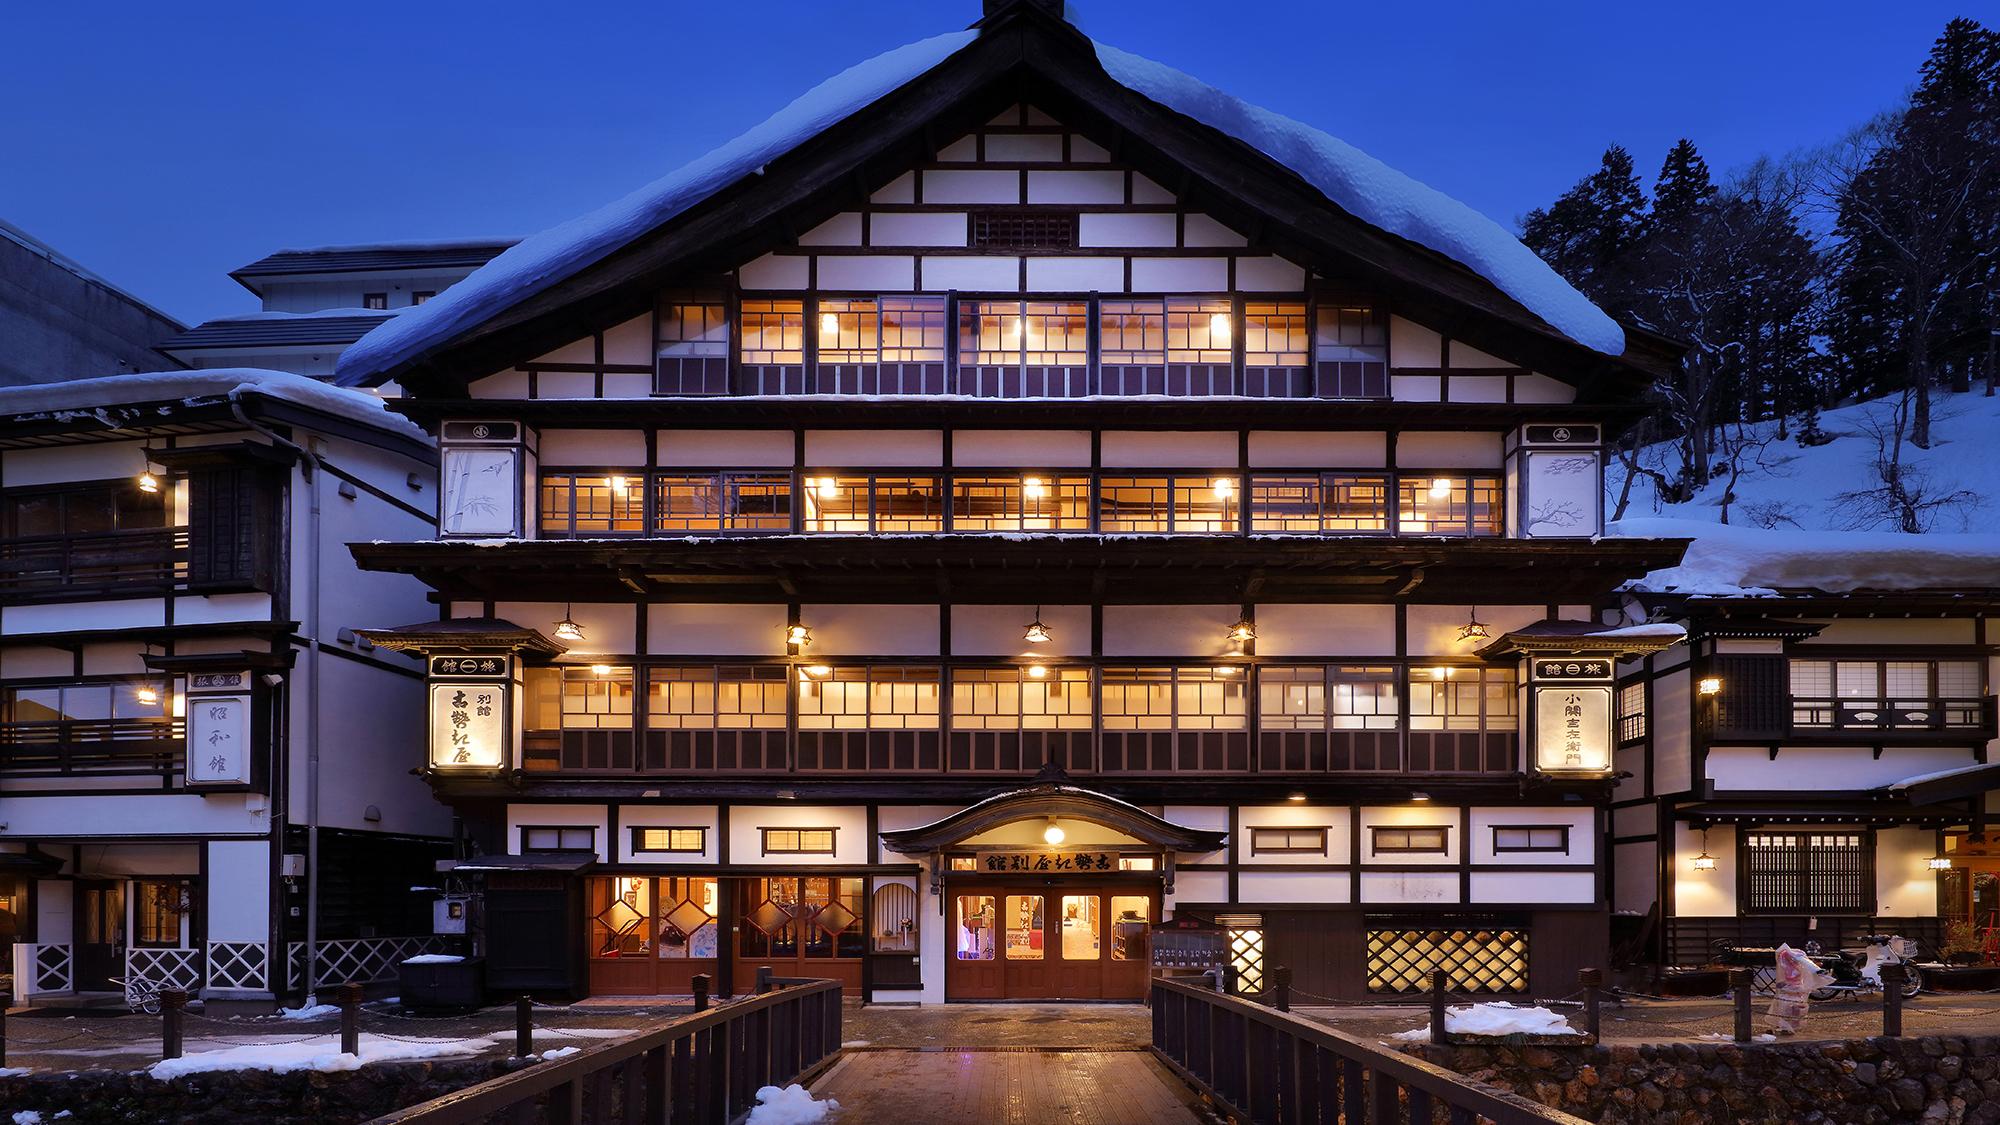 銀山温泉へ母と旅行、3万円以内で宿泊できる宿でオススメはありますか?